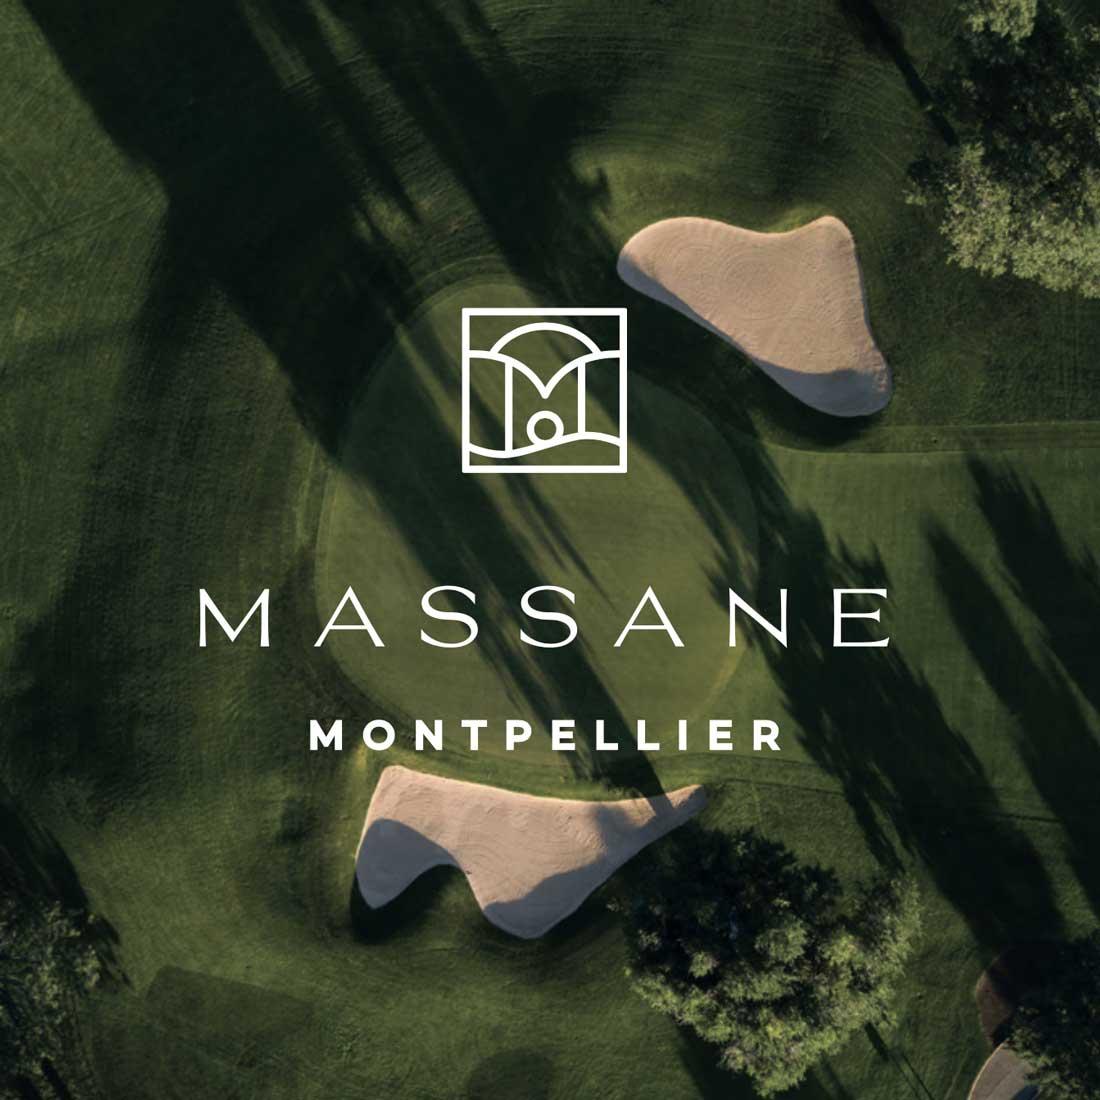 golf_massane_montpellier